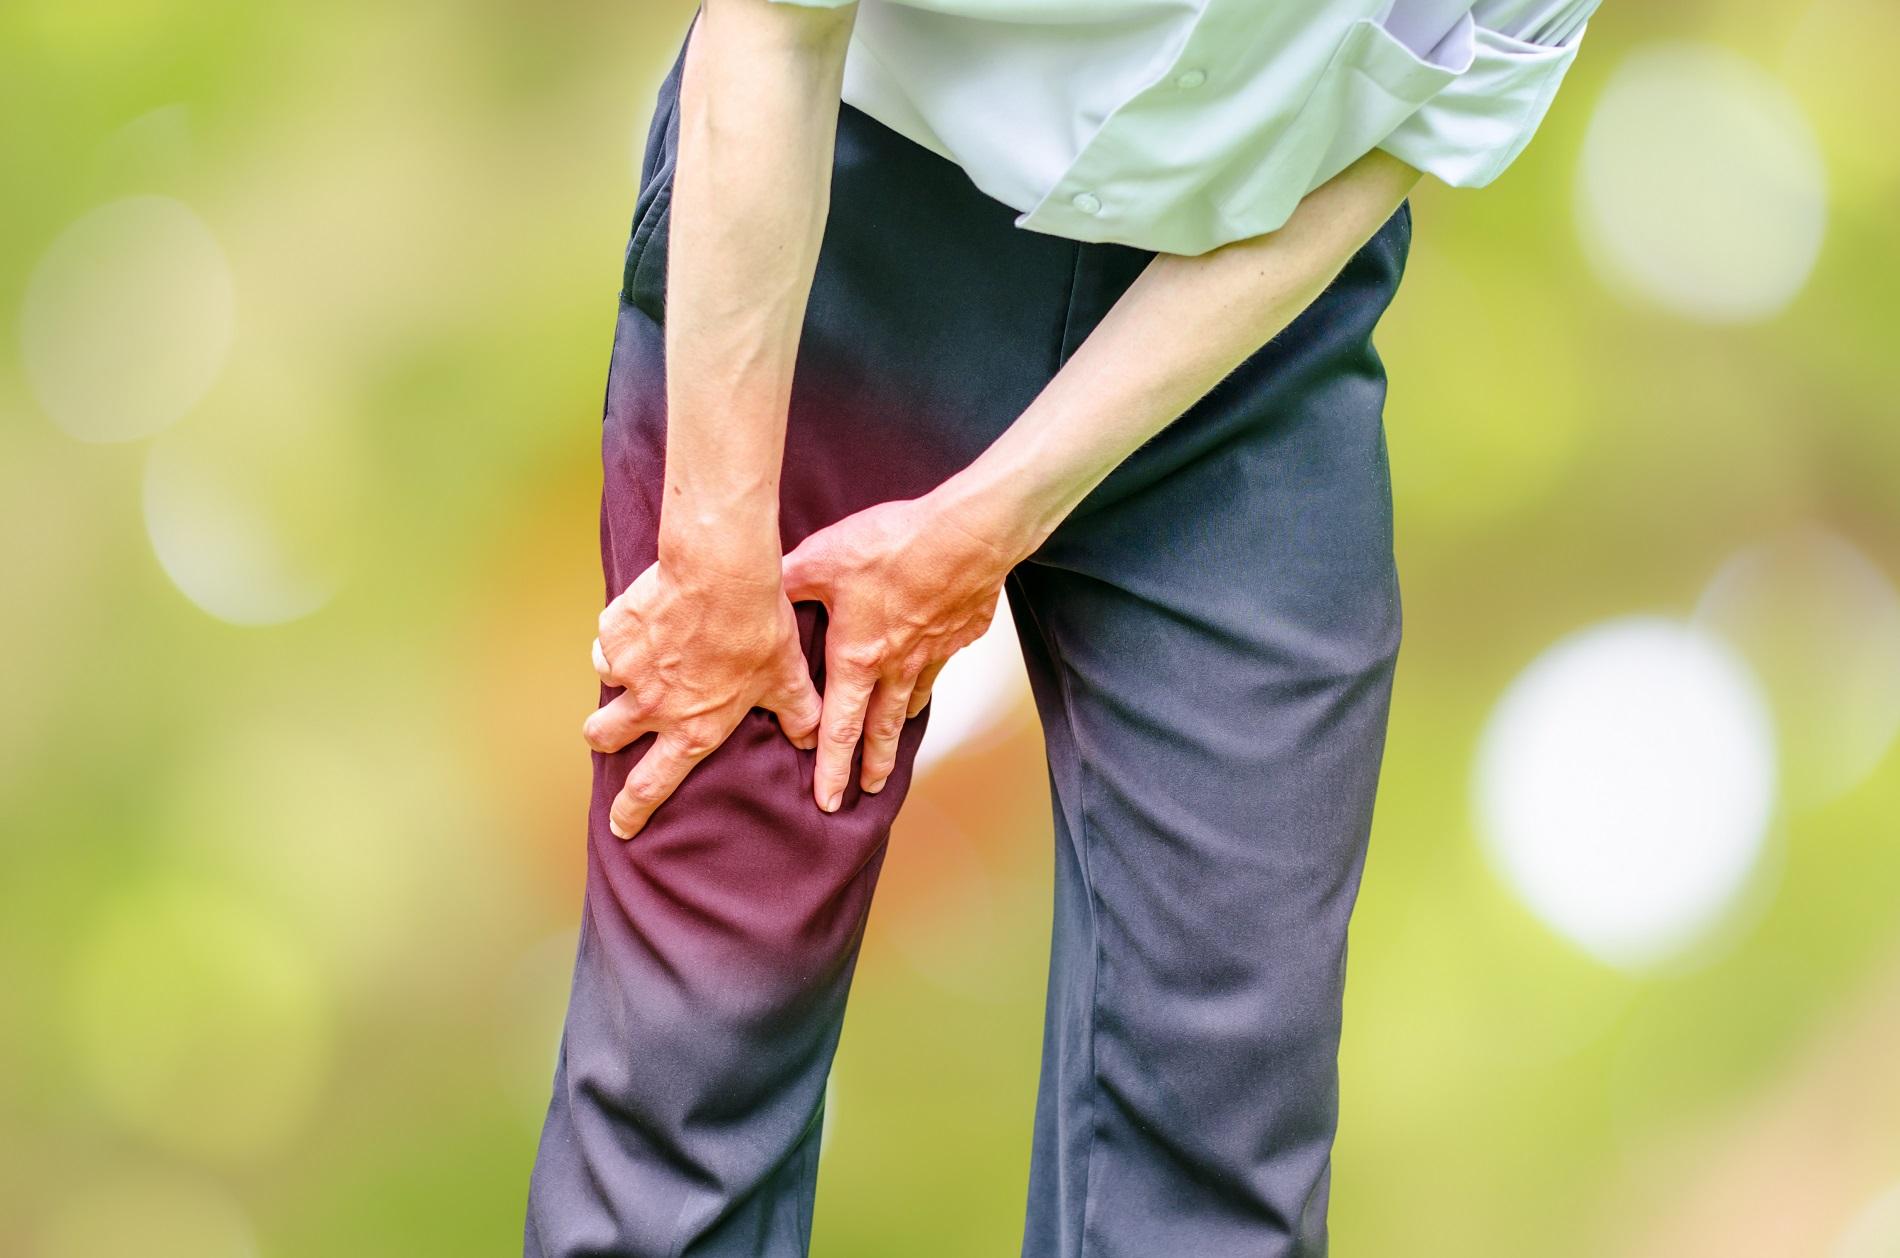 fájó térdízület hogyan lehet enyhíteni a fájdalmat